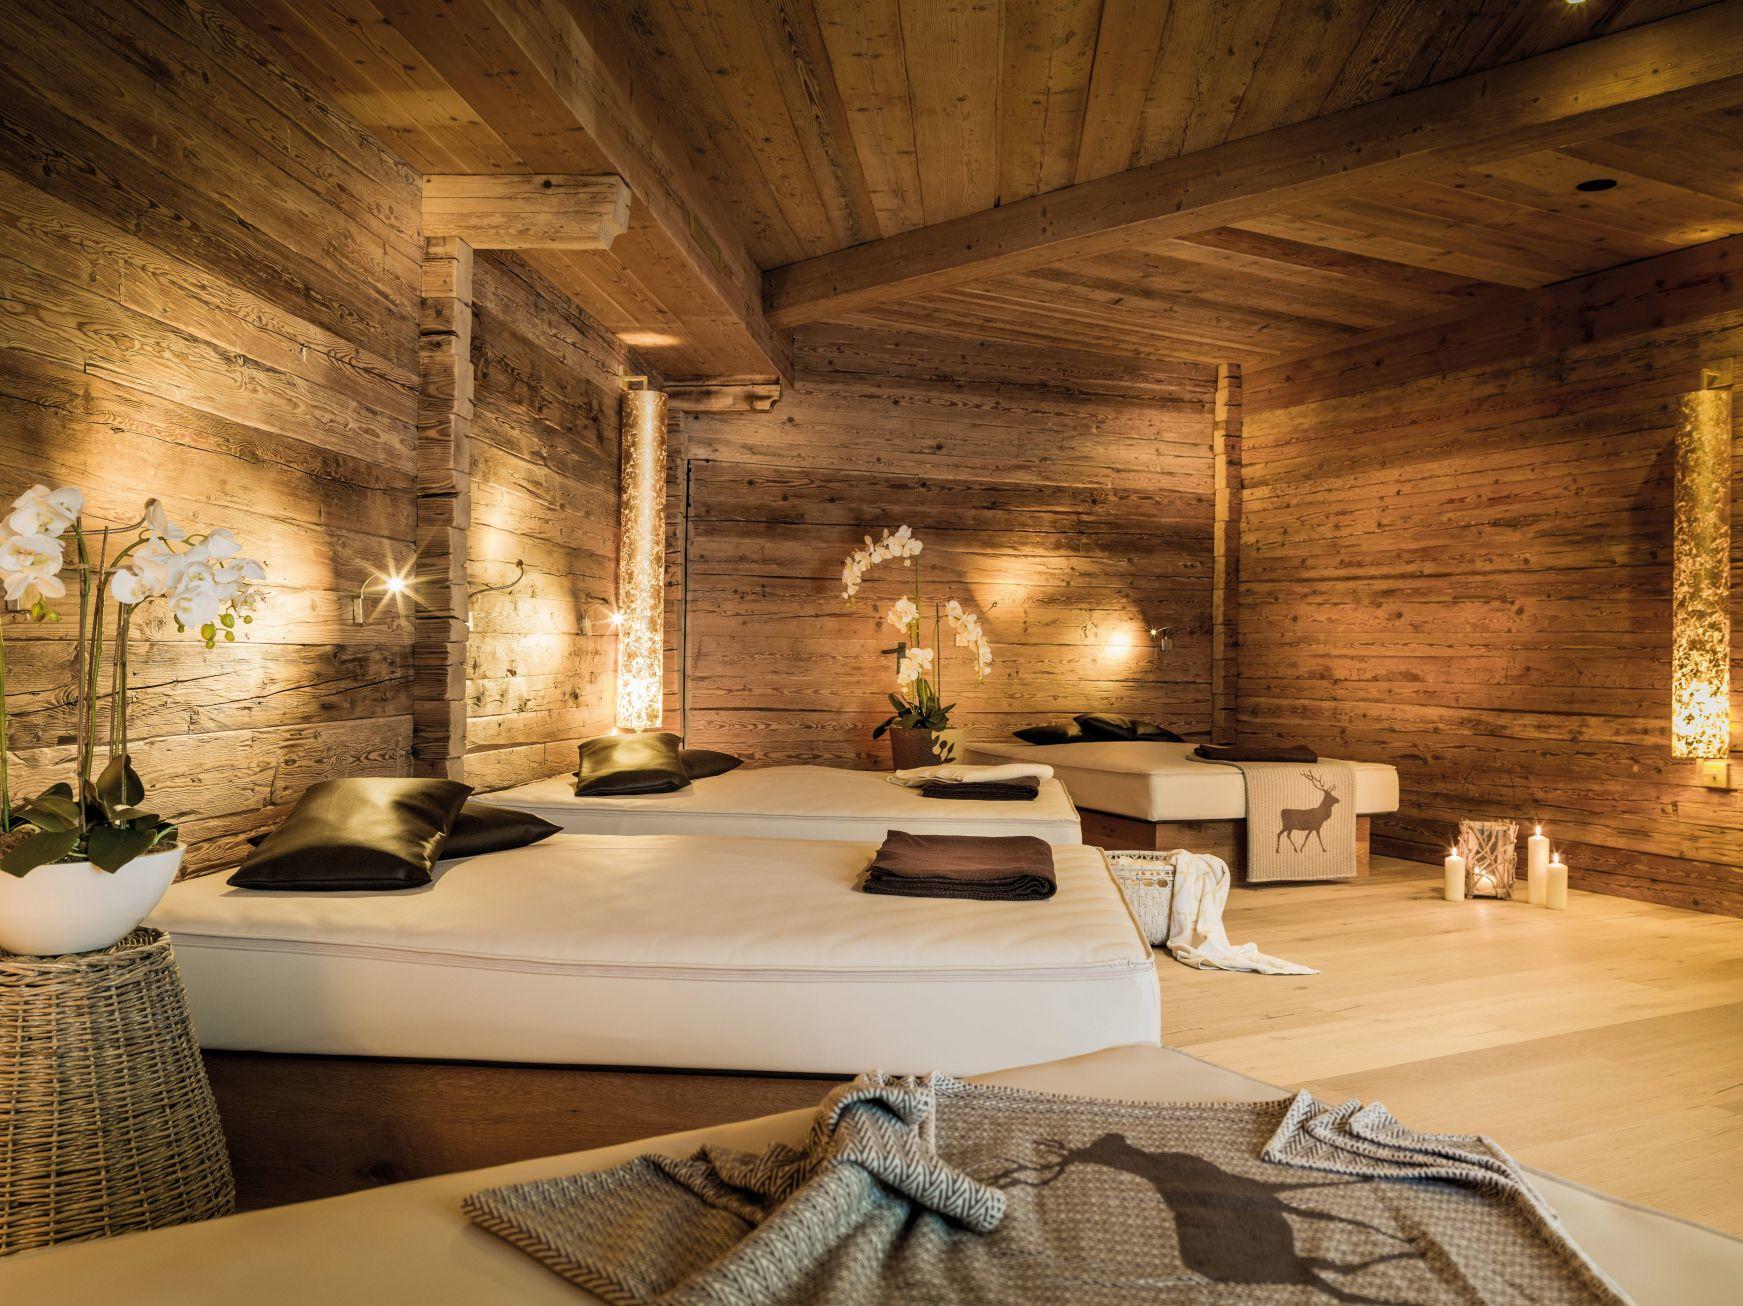 spa bereich mit entspannender atmosphaere c foto atelier wolkersdorfer das rieser - Winternacht geschenkt am Achensee